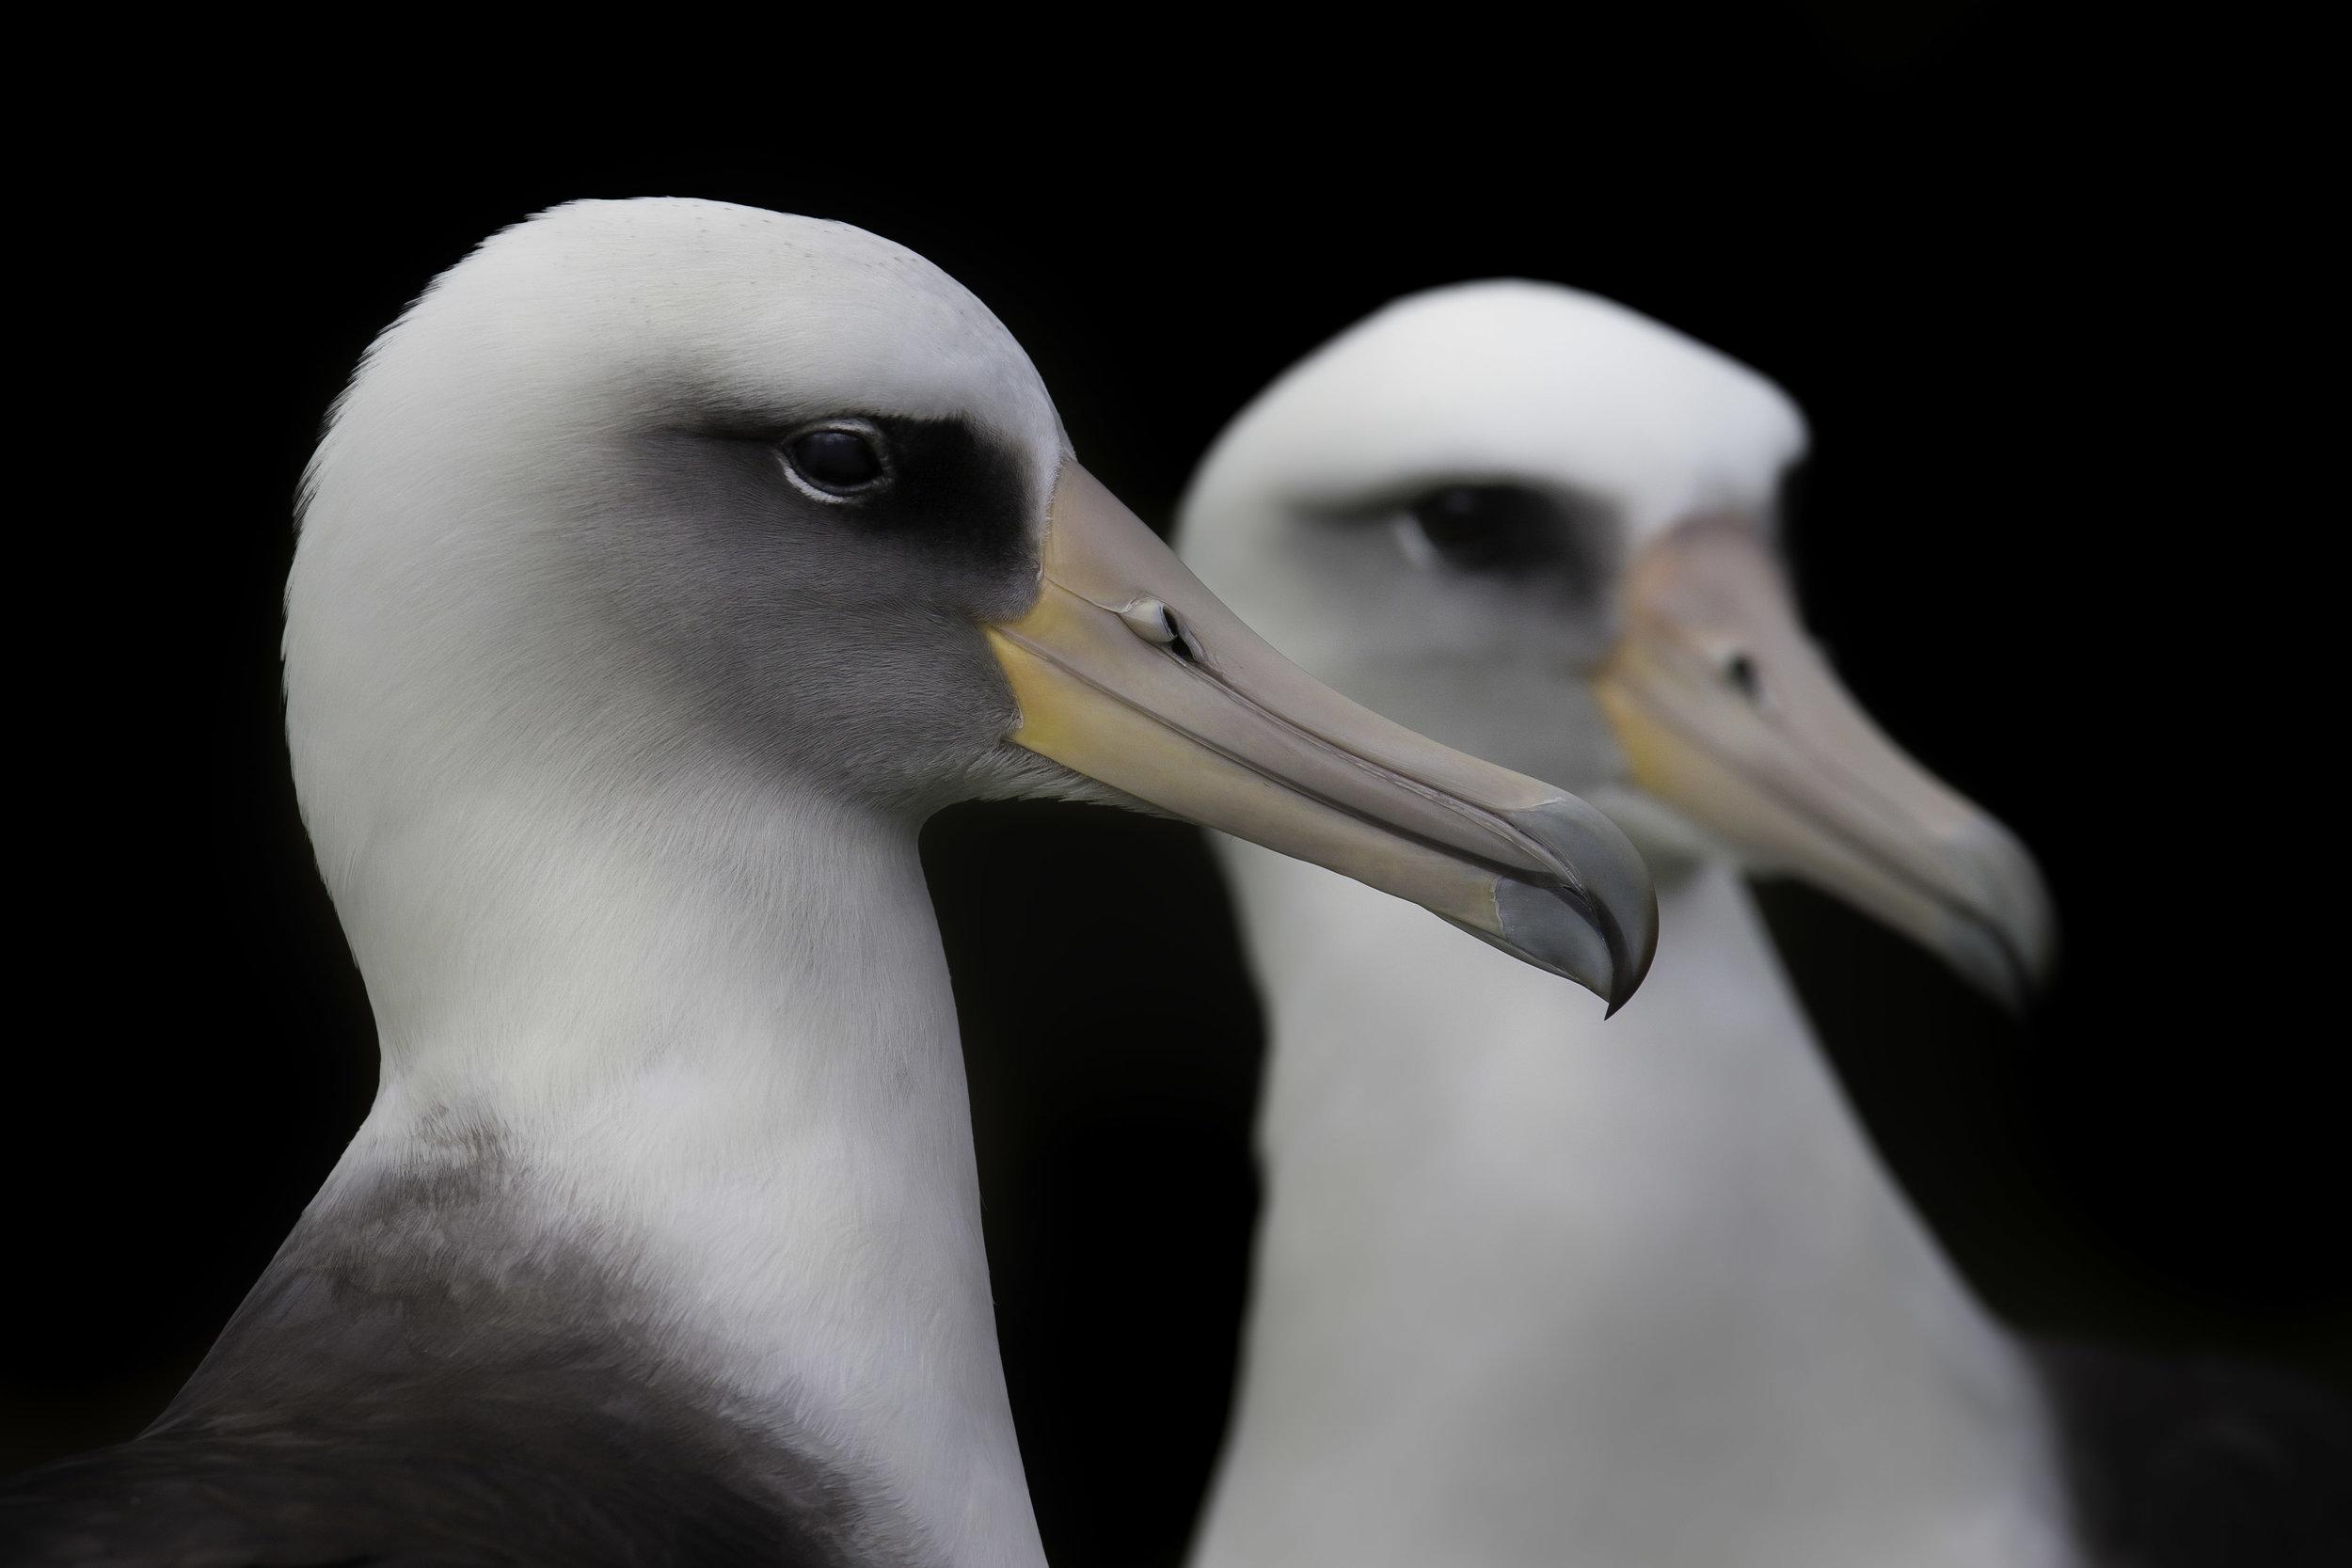 albatros_AE2R0964-2.jpg